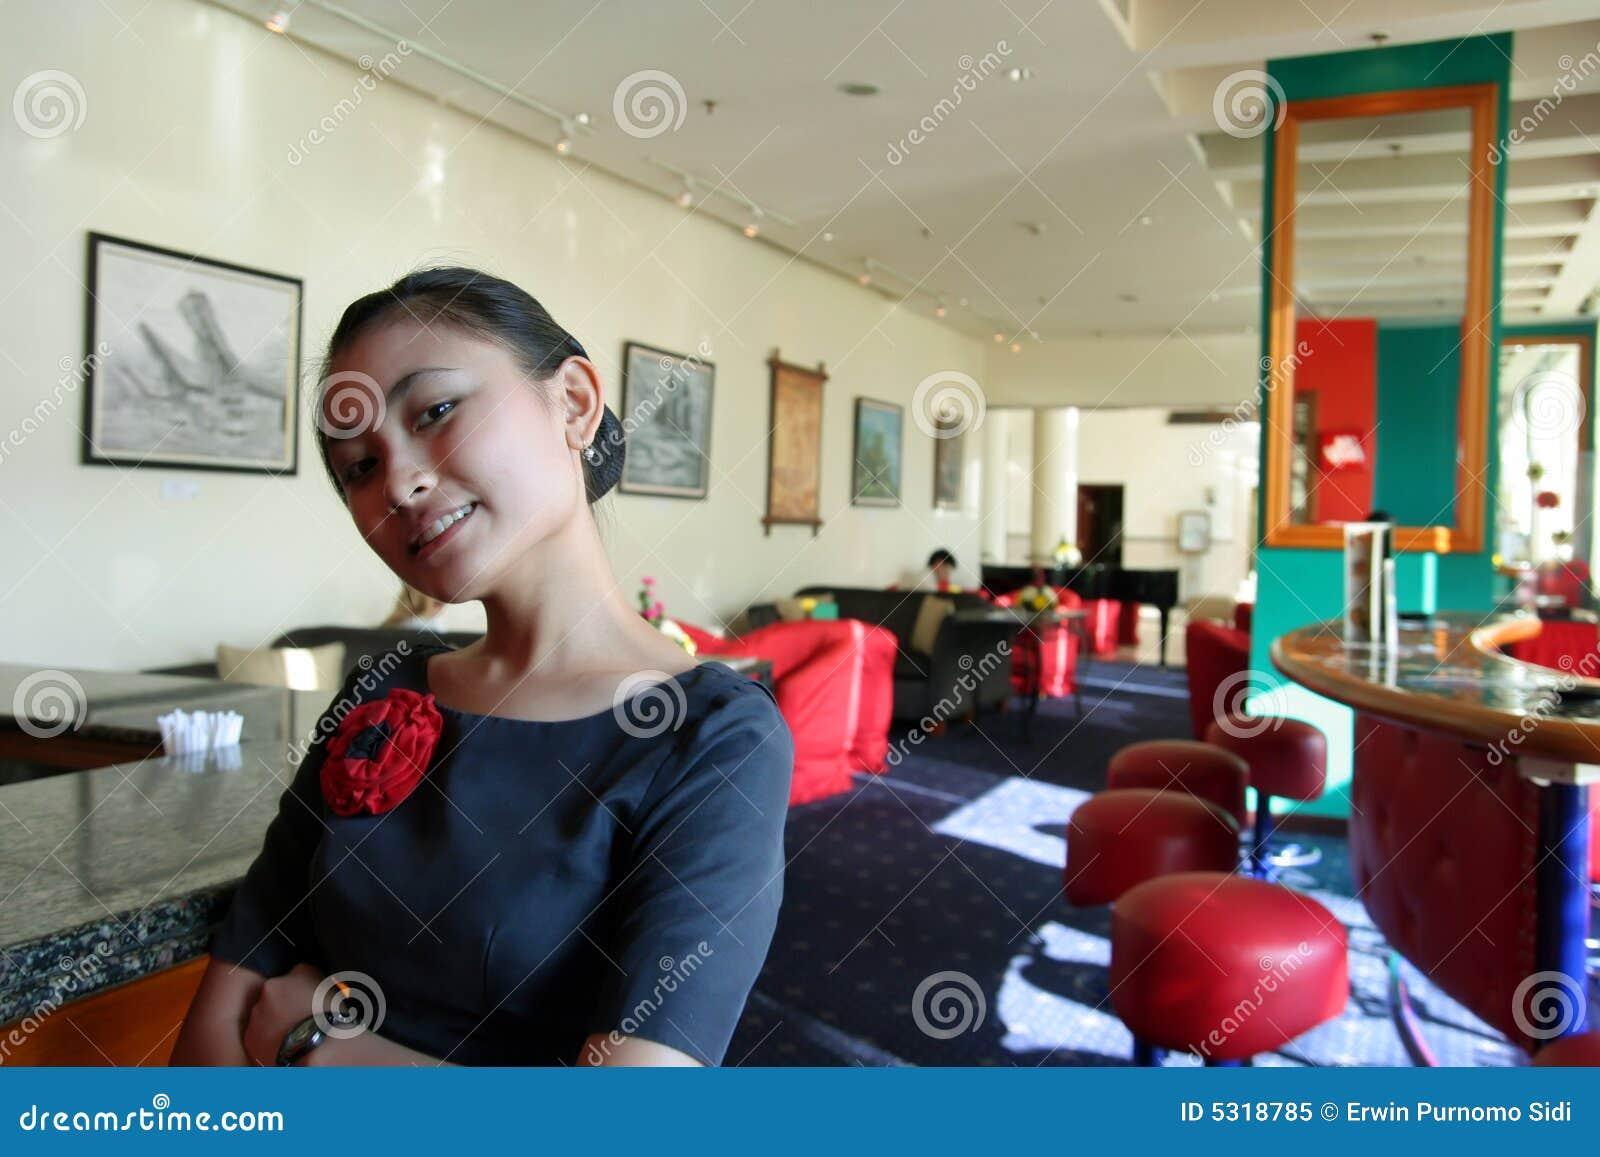 Download Cameriera Di Bar Sul Lavoro Immagine Stock - Immagine di cameriere, waitress: 5318785